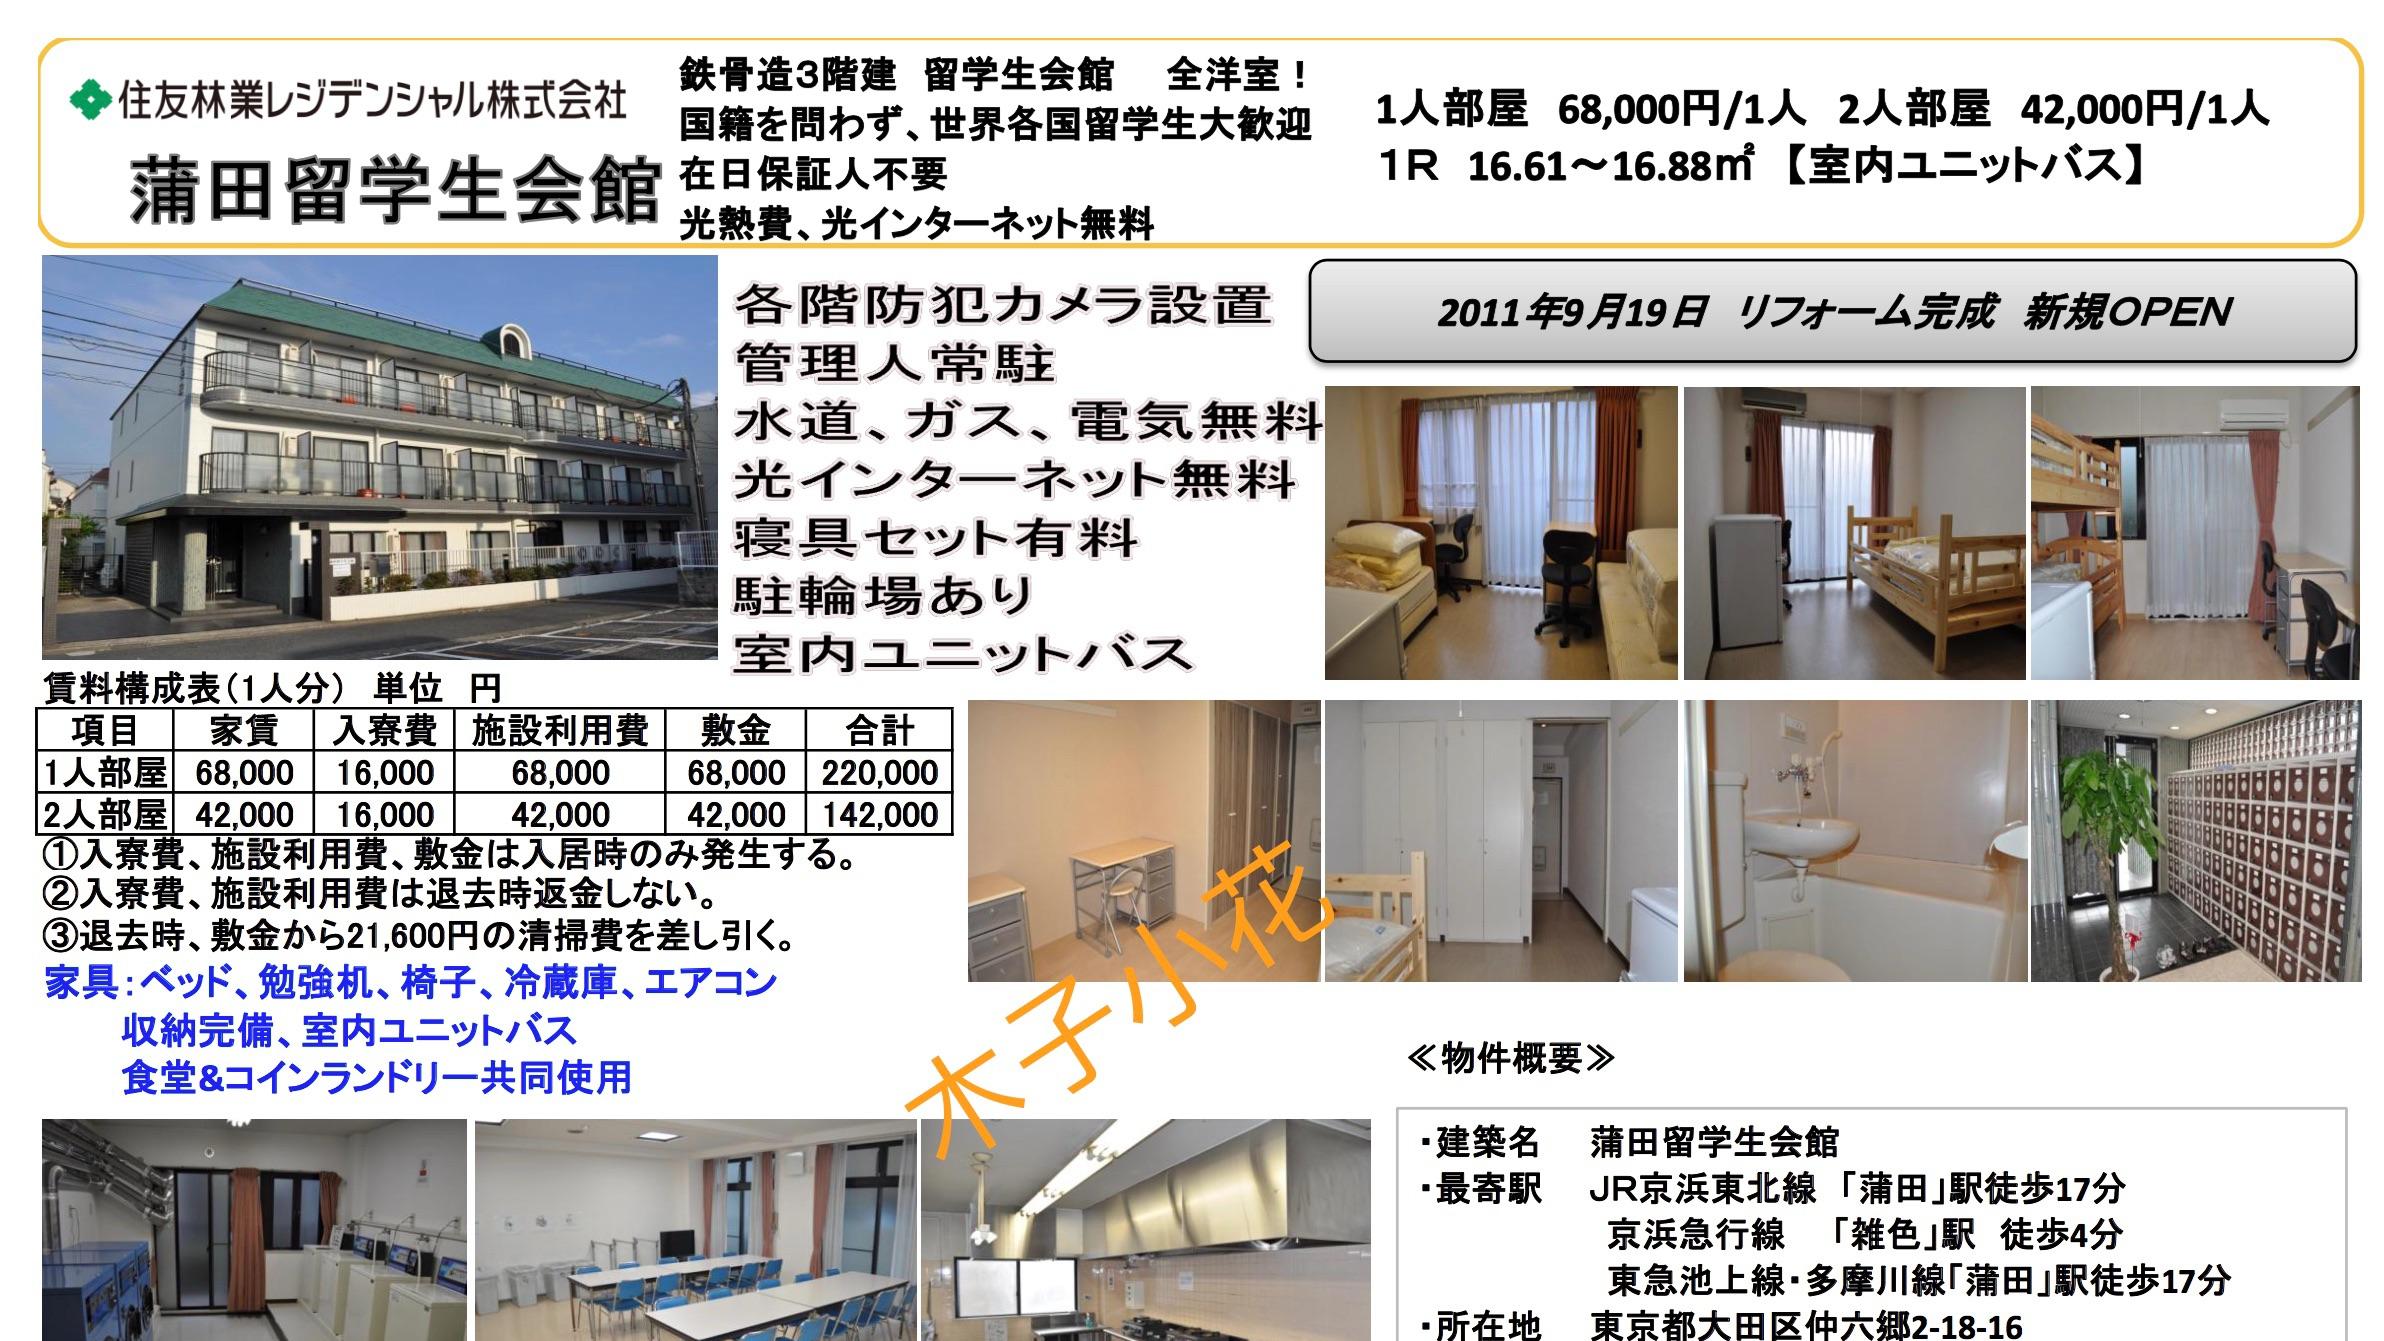 日本语言学校宿舍官方介绍 一 千驮谷 Tcj 三峰 哔哩哔哩